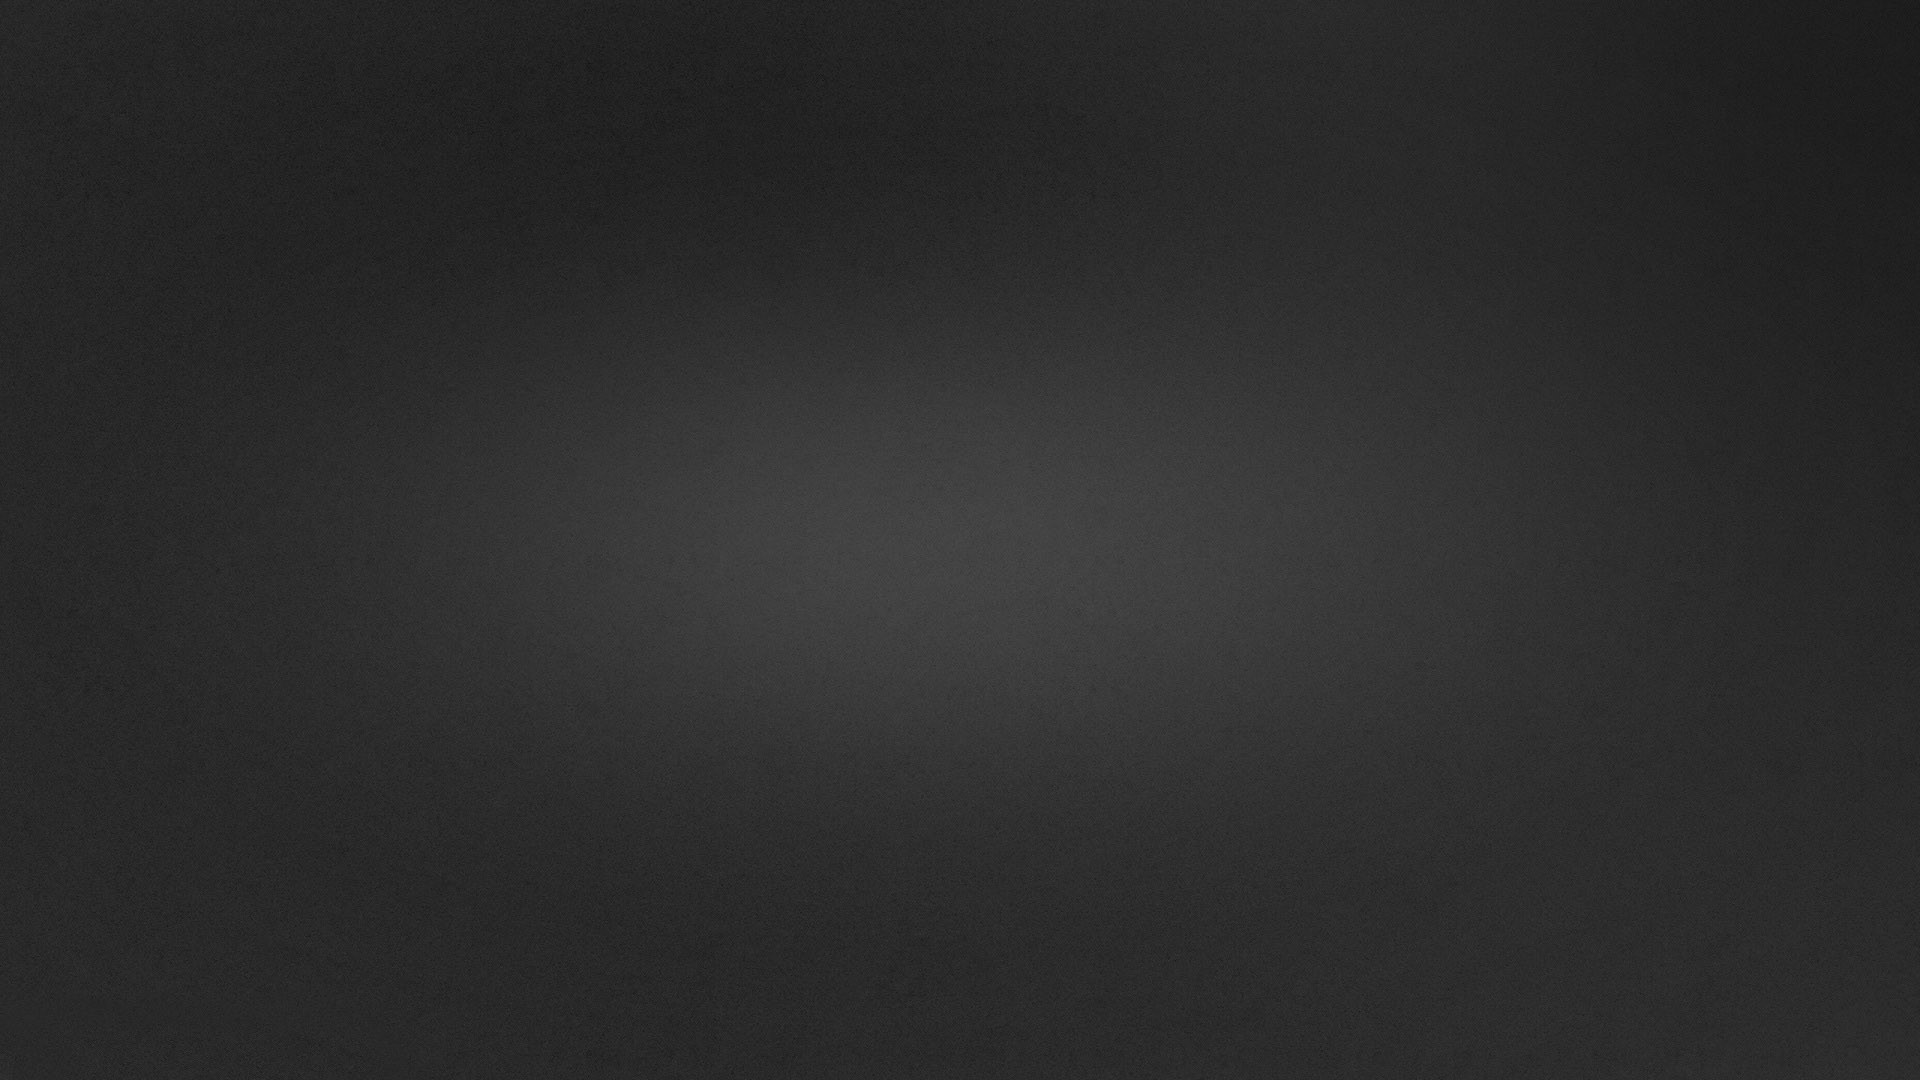 Dark gray gradient background